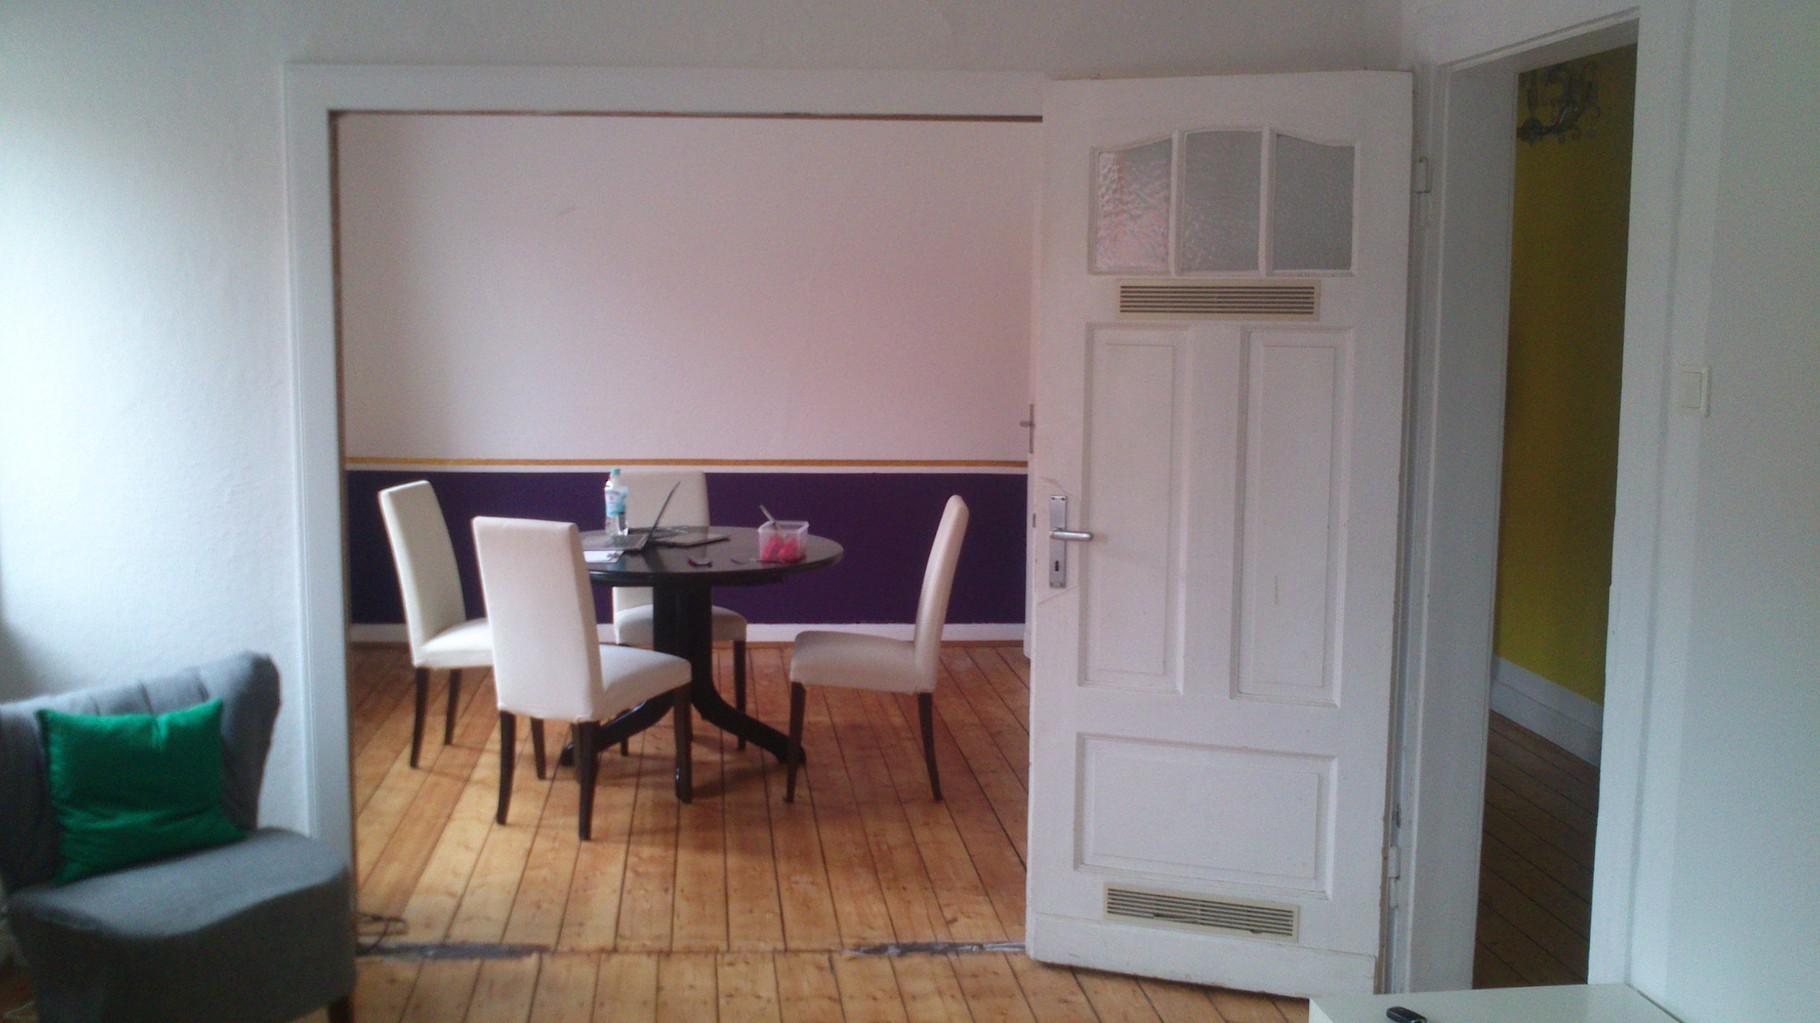 JUNGES PAAR MS | Schon gestrichen und bald kommt der neue Tisch...